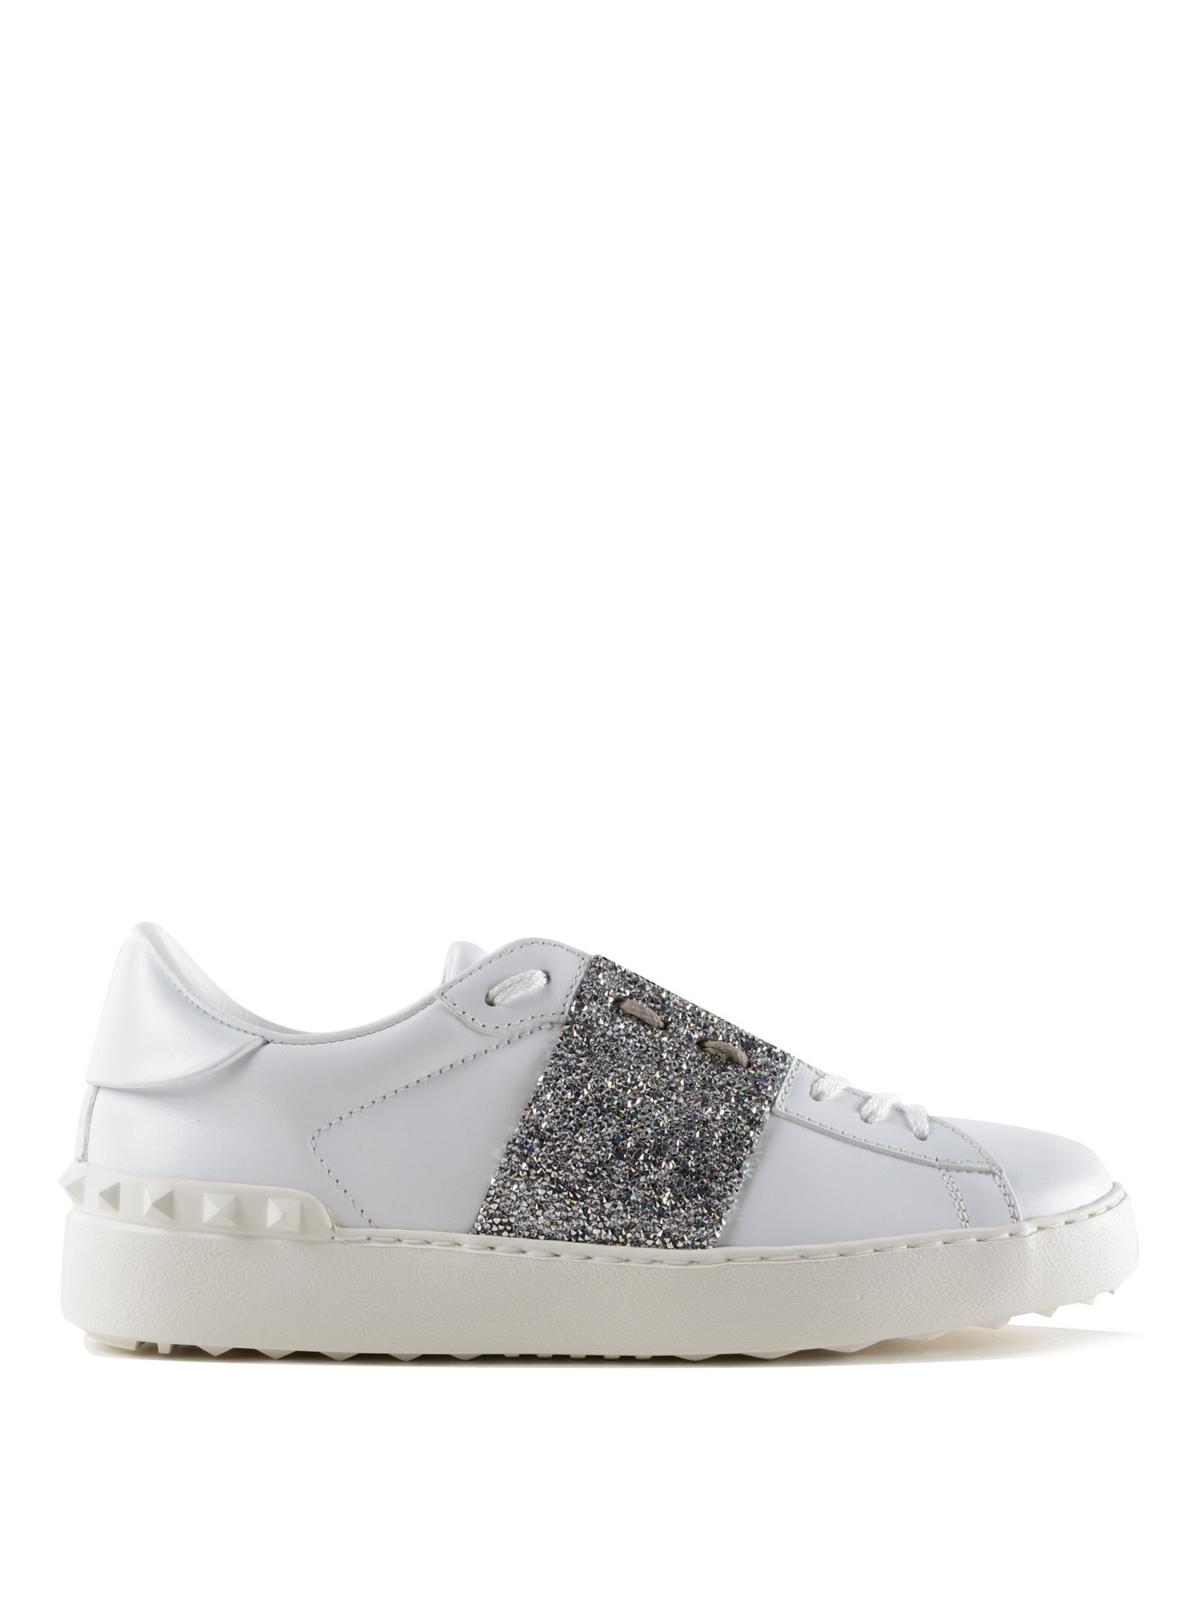 VALENTINO GARAVANI  sneakers - Sneaker Open con banda glitter argento 4cf8954bfe8